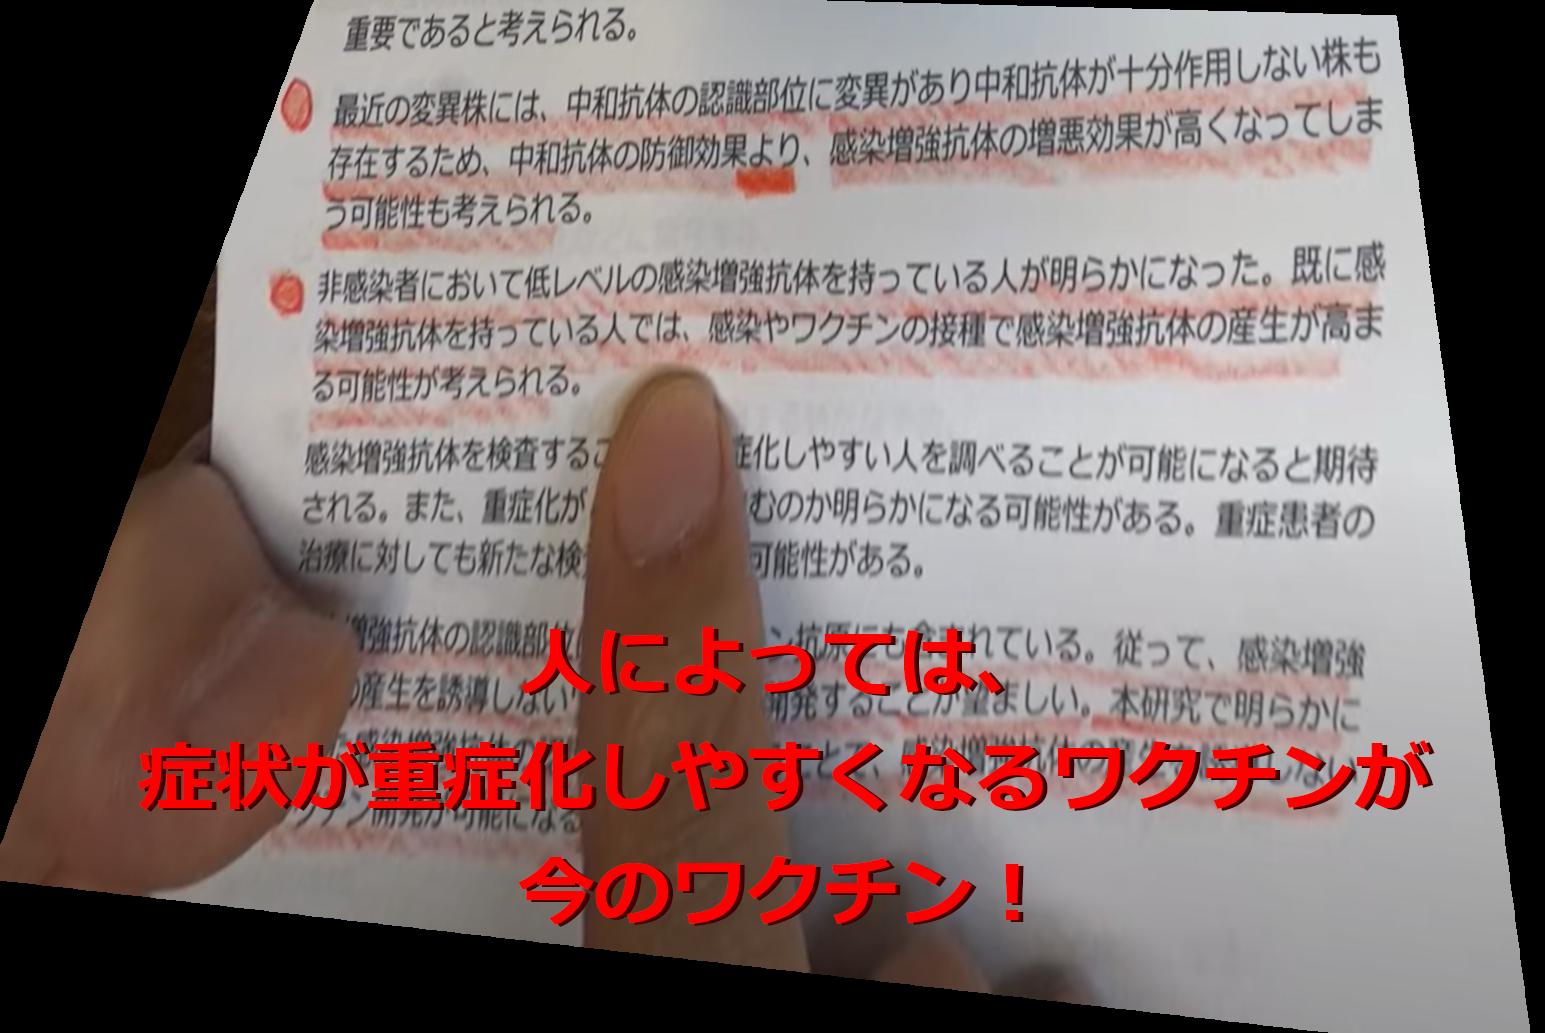 新型コロナワクチンで★重症化★発覚!!大阪大学の研究で明らかに!!